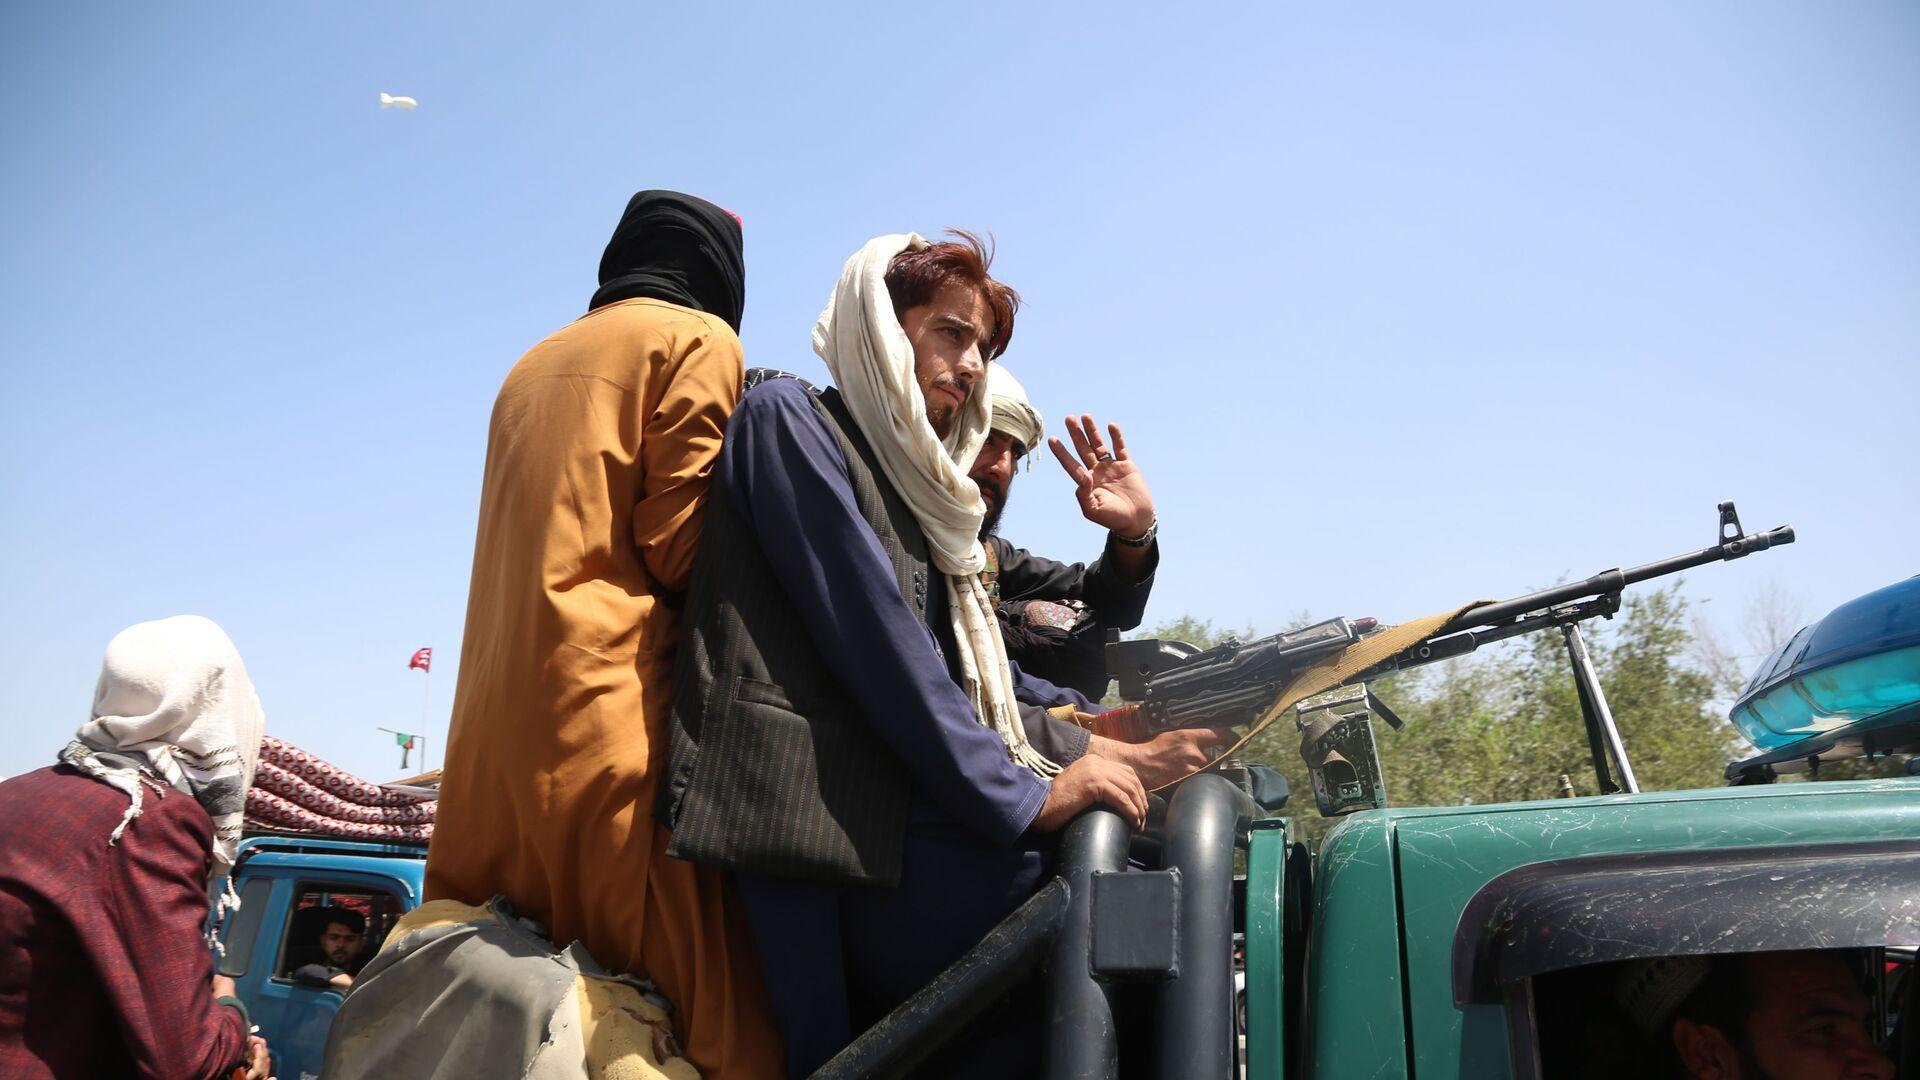 Situation en Afghanistan après le retour des talibans* au pouvoir, août 2021 - Sputnik France, 1920, 22.09.2021